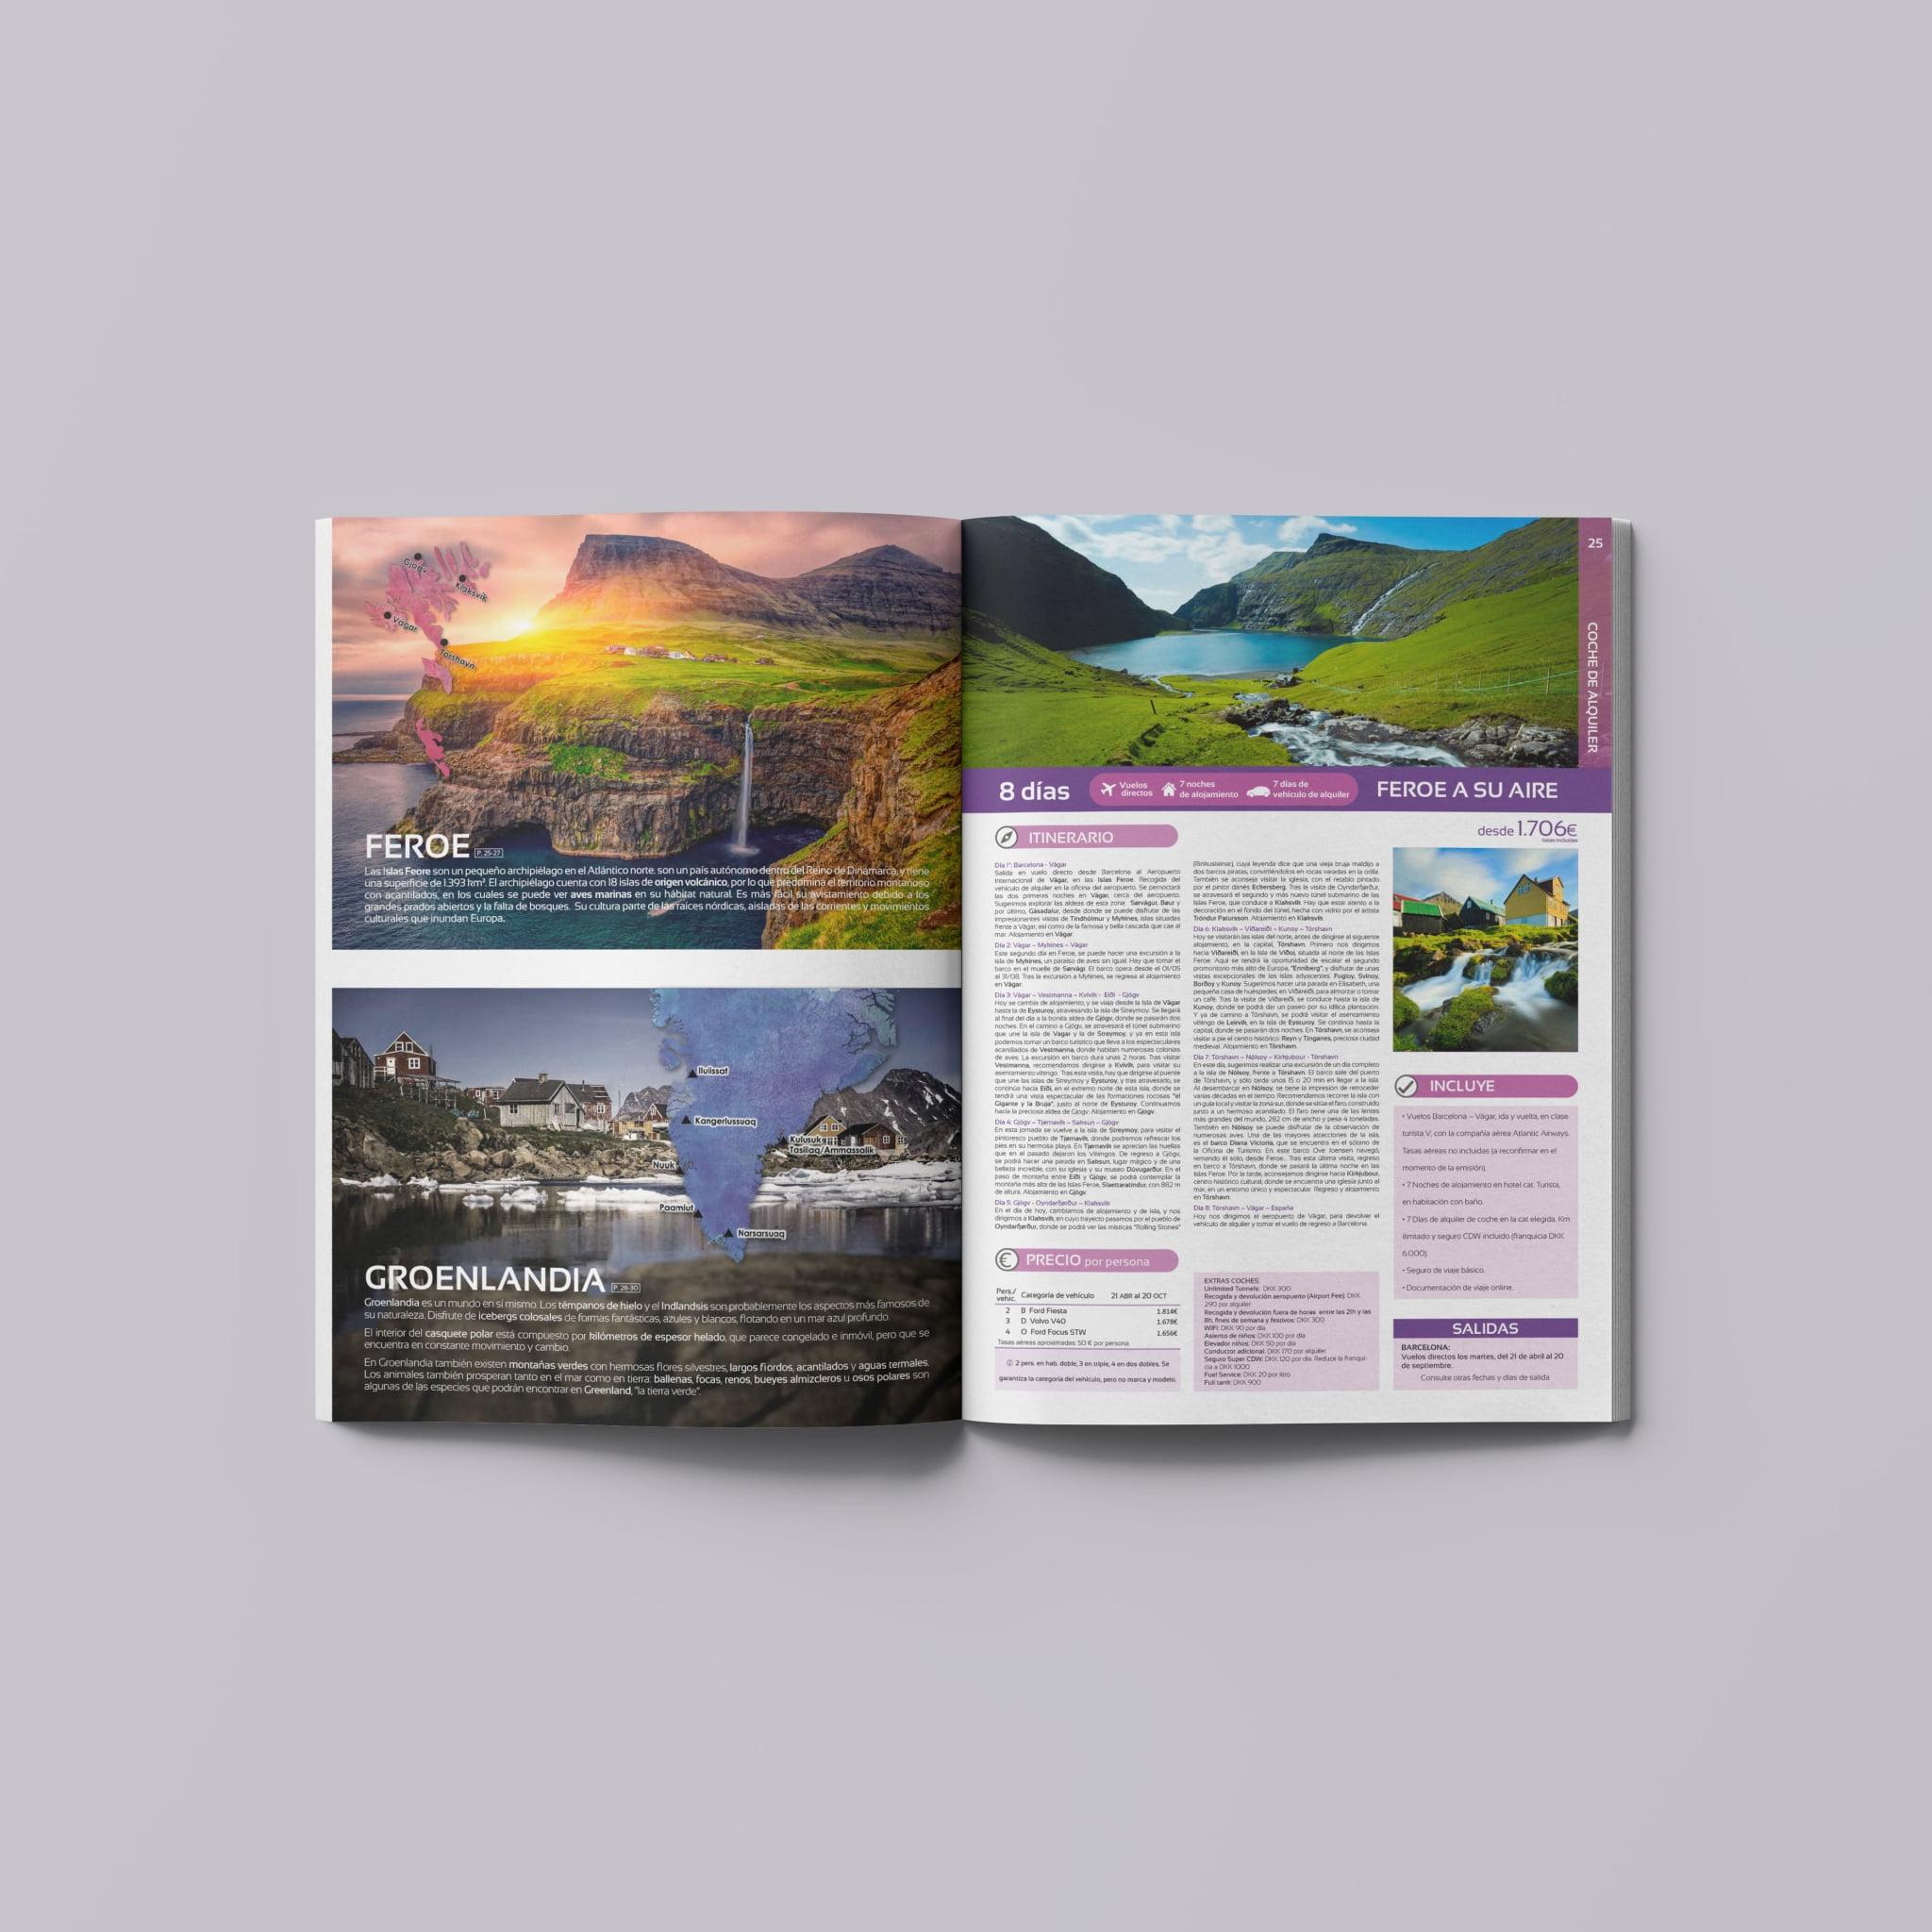 Páginas de Feroe y Groenlandia Catálogo